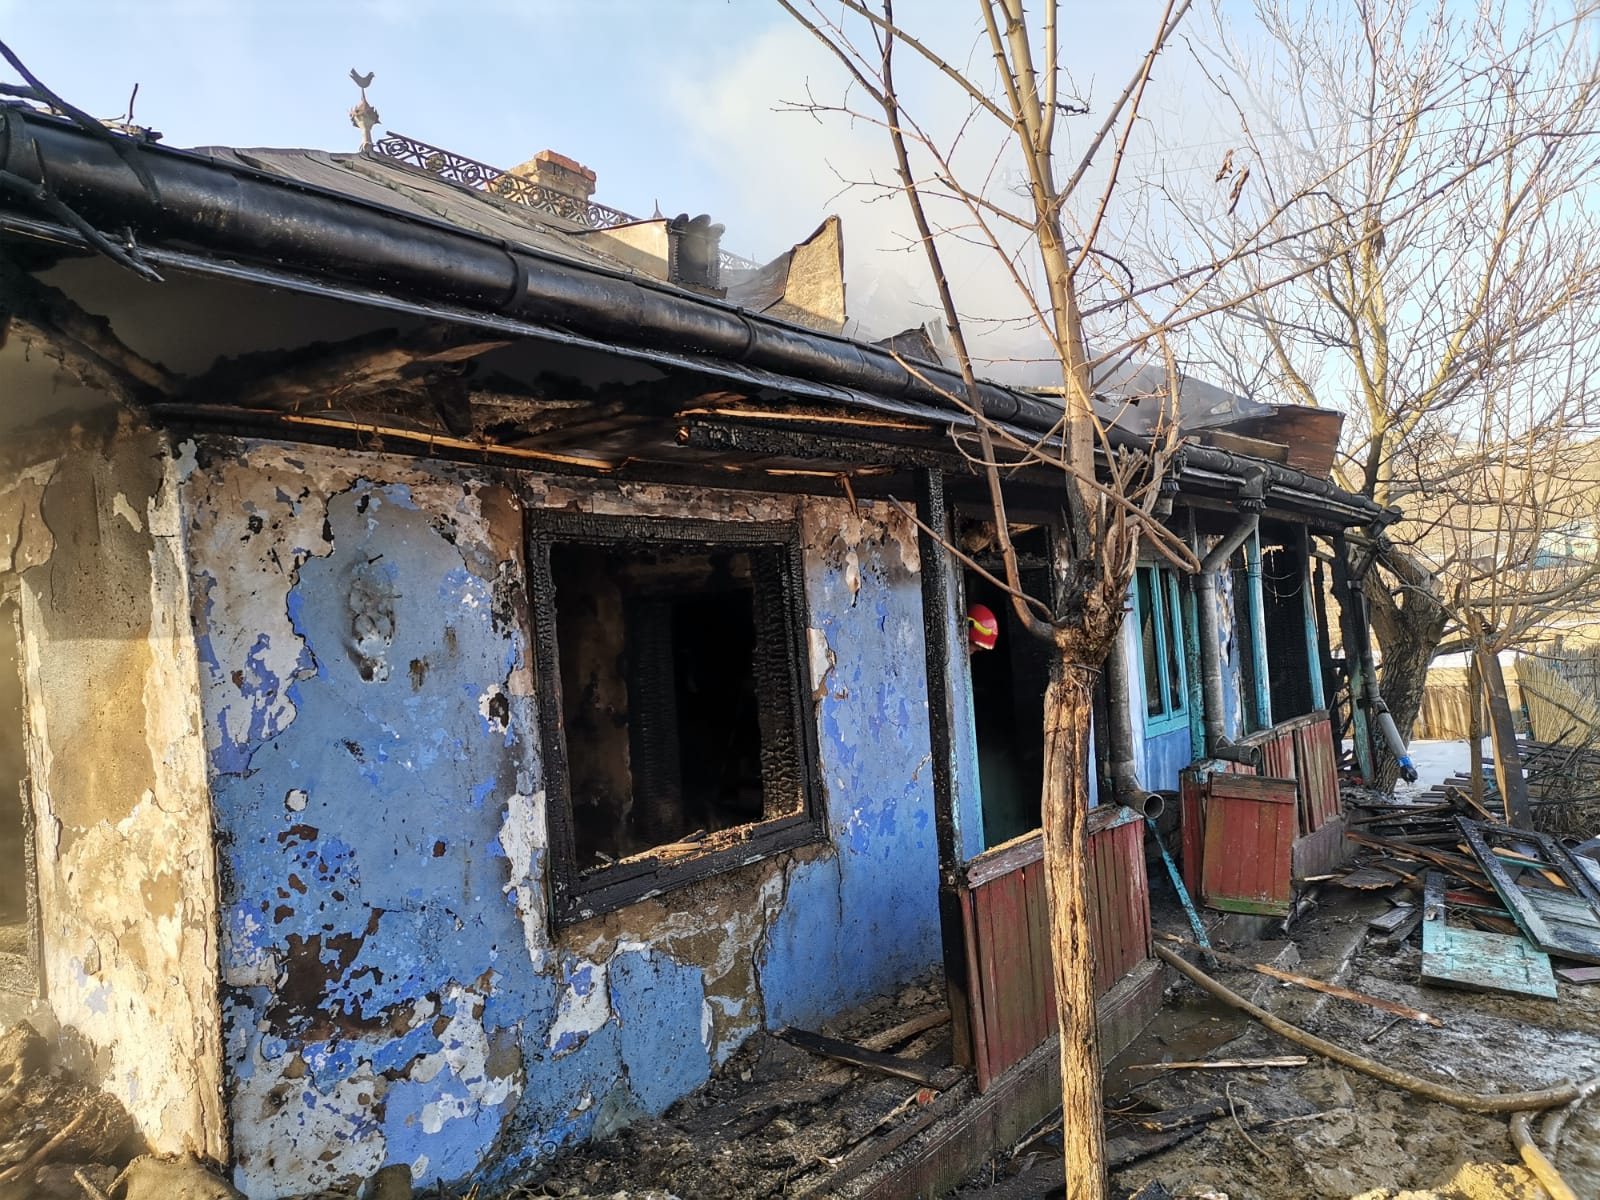 Atenție la jarul căzut din sobă! Locuință distrusă într-un incendiu la Cerchejeni!